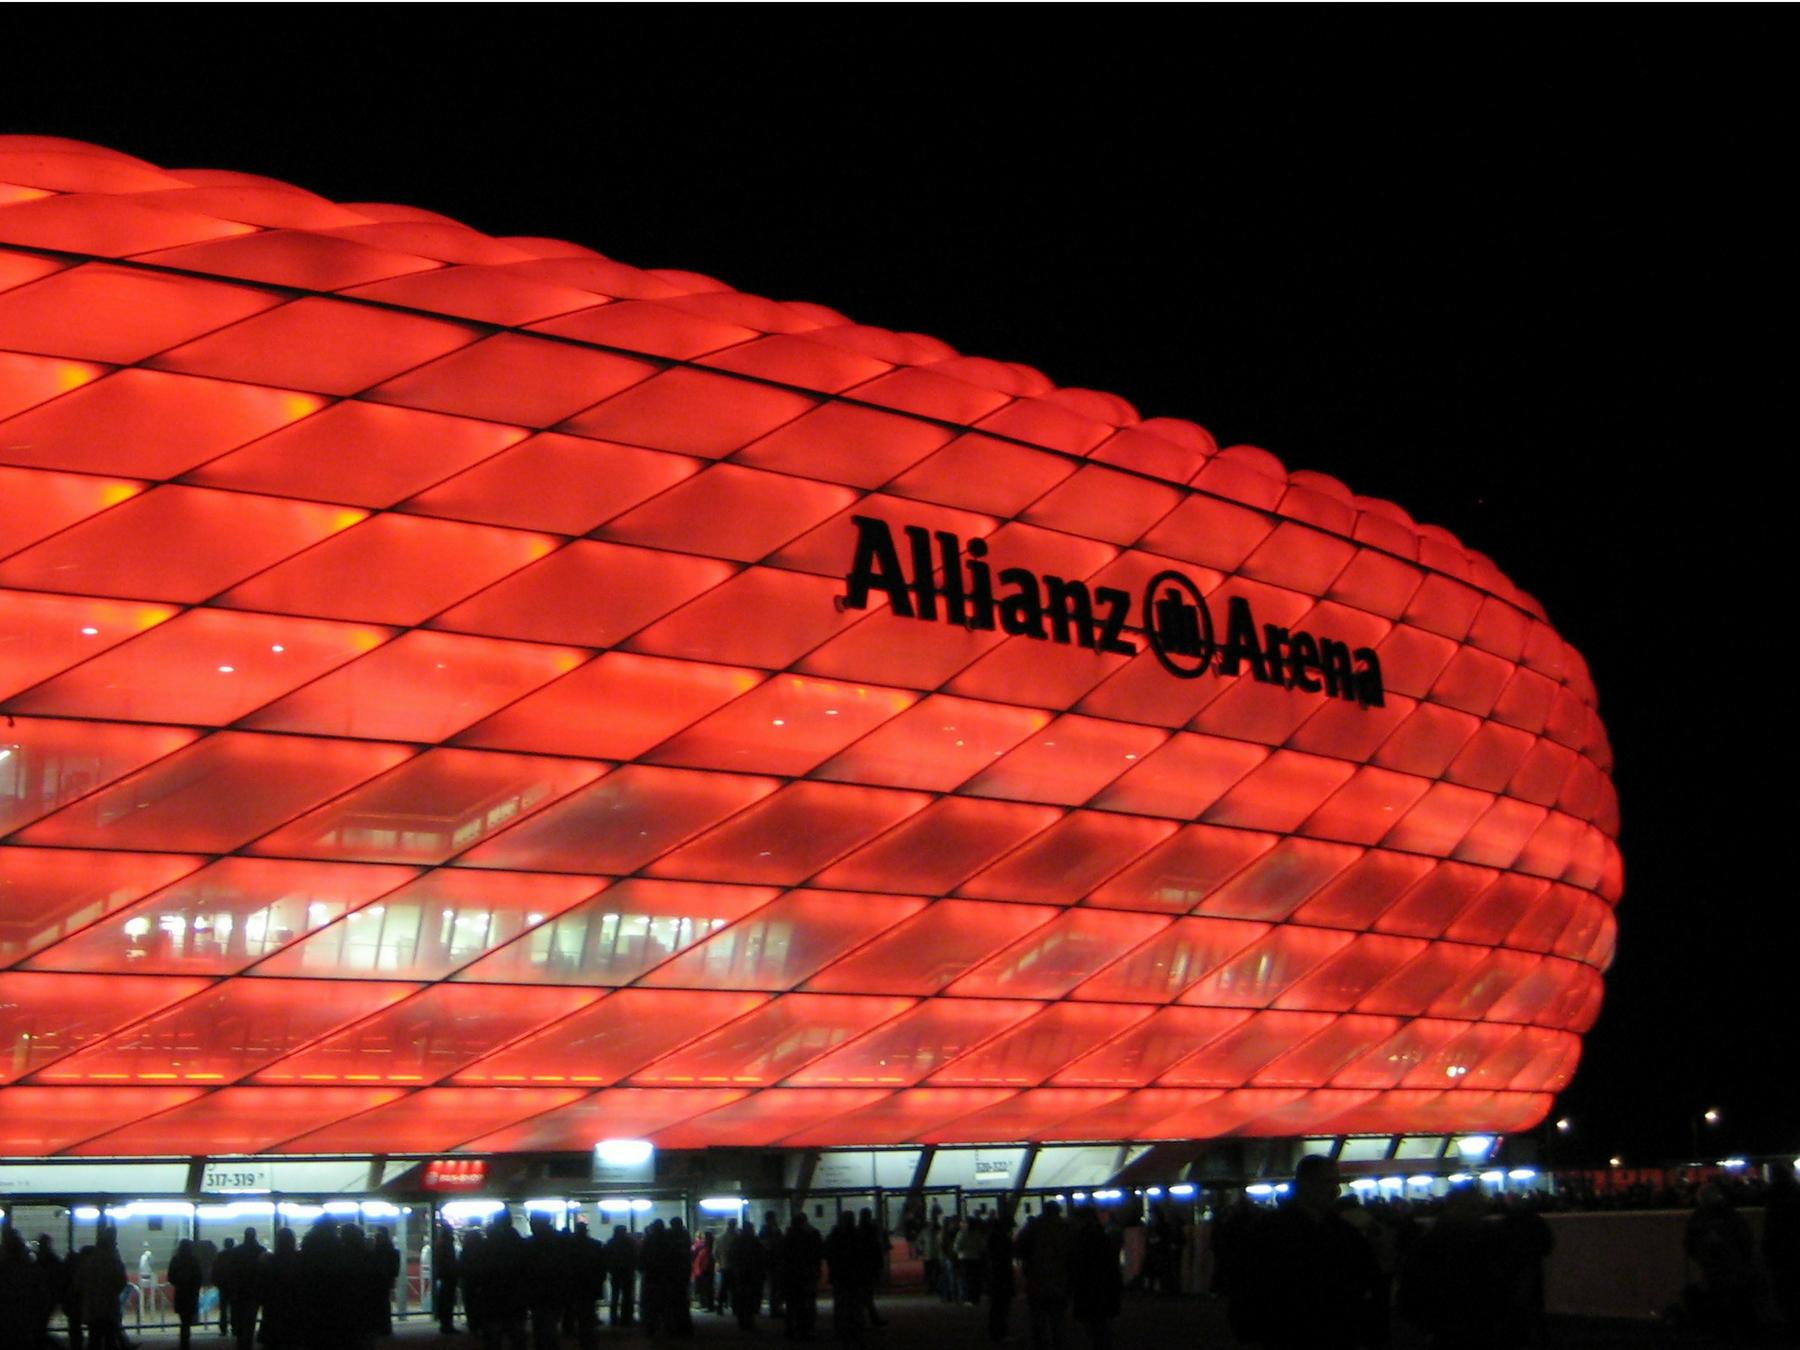 estádios-mais-legais-do-mundo-Calendário-da-copa-allianz Os 20 estádios mais legais do mundo Calendário Copa 2018